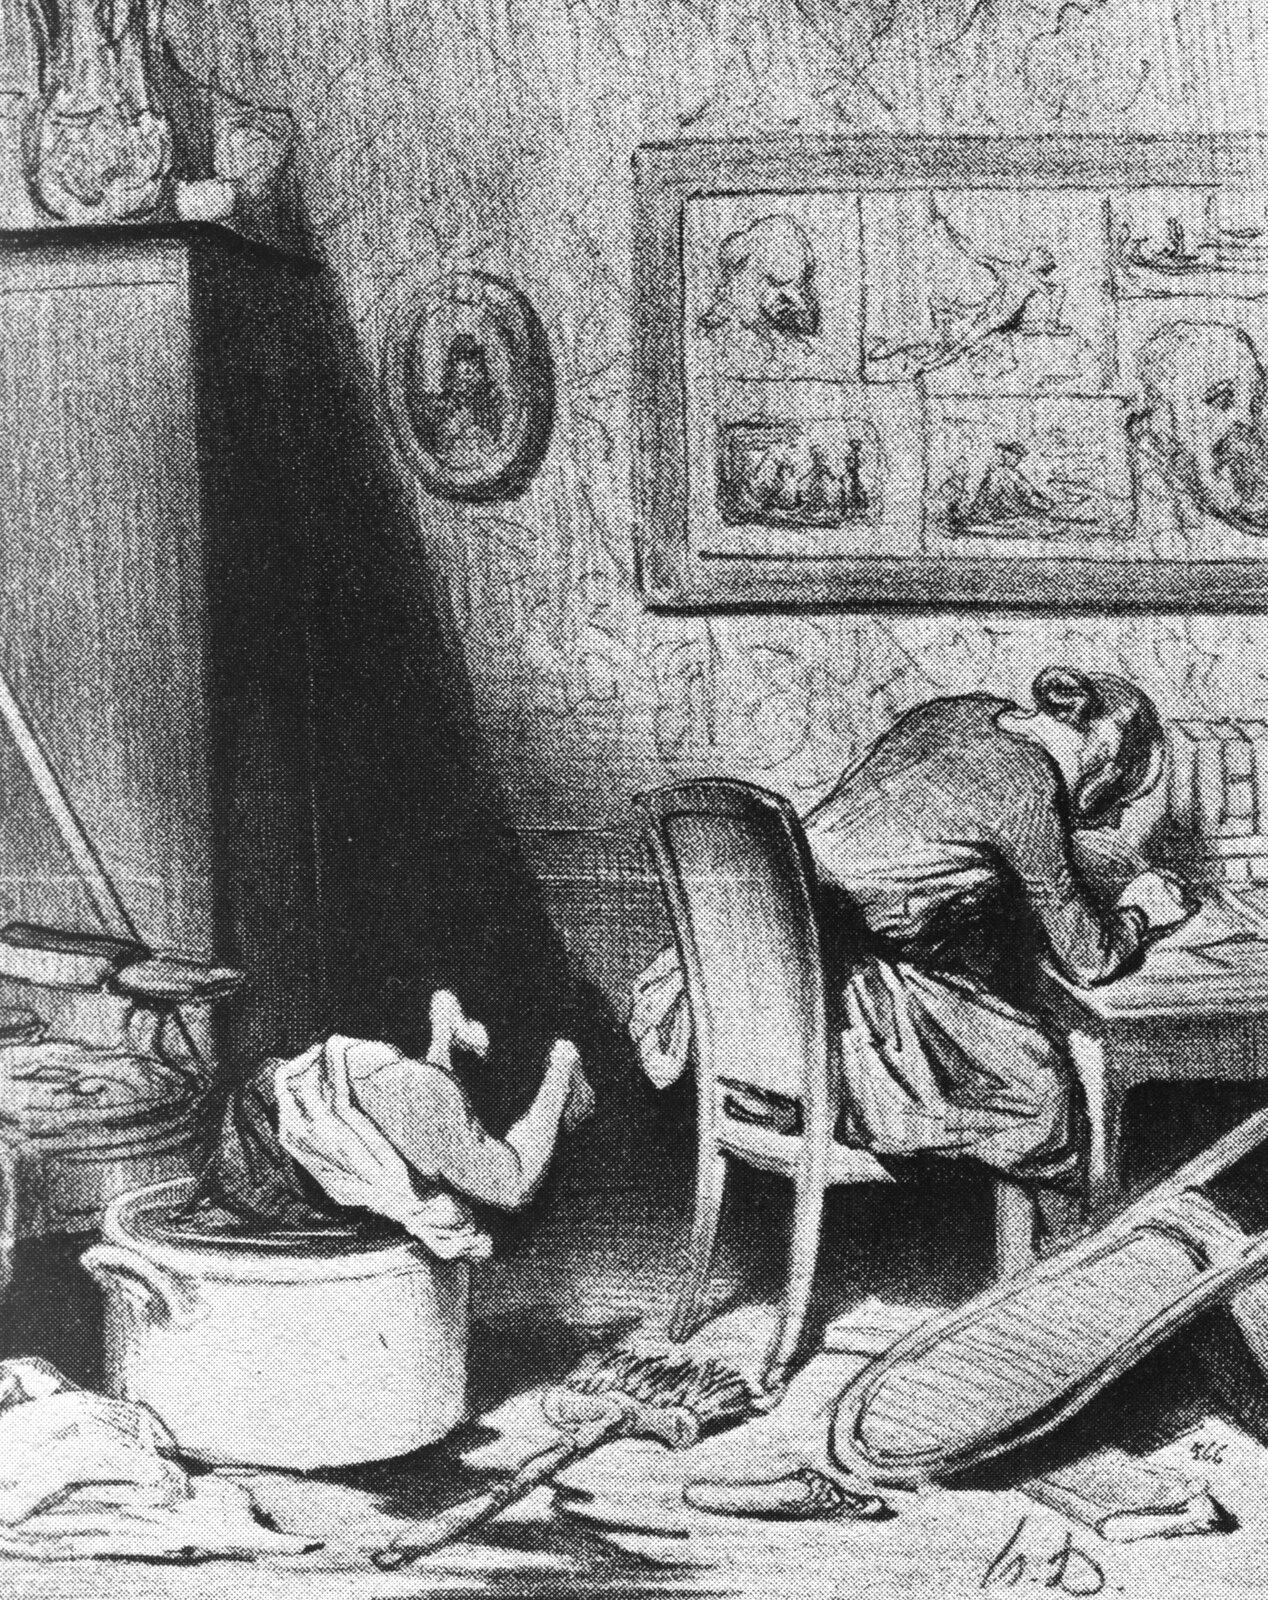 Karykatura. Kobieta zaniedbuje swoją rodzinę Źródło: Honoré Daumier, Karykatura. Kobieta zaniedbuje swoją rodzinę, XIX wiek, domena publiczna.